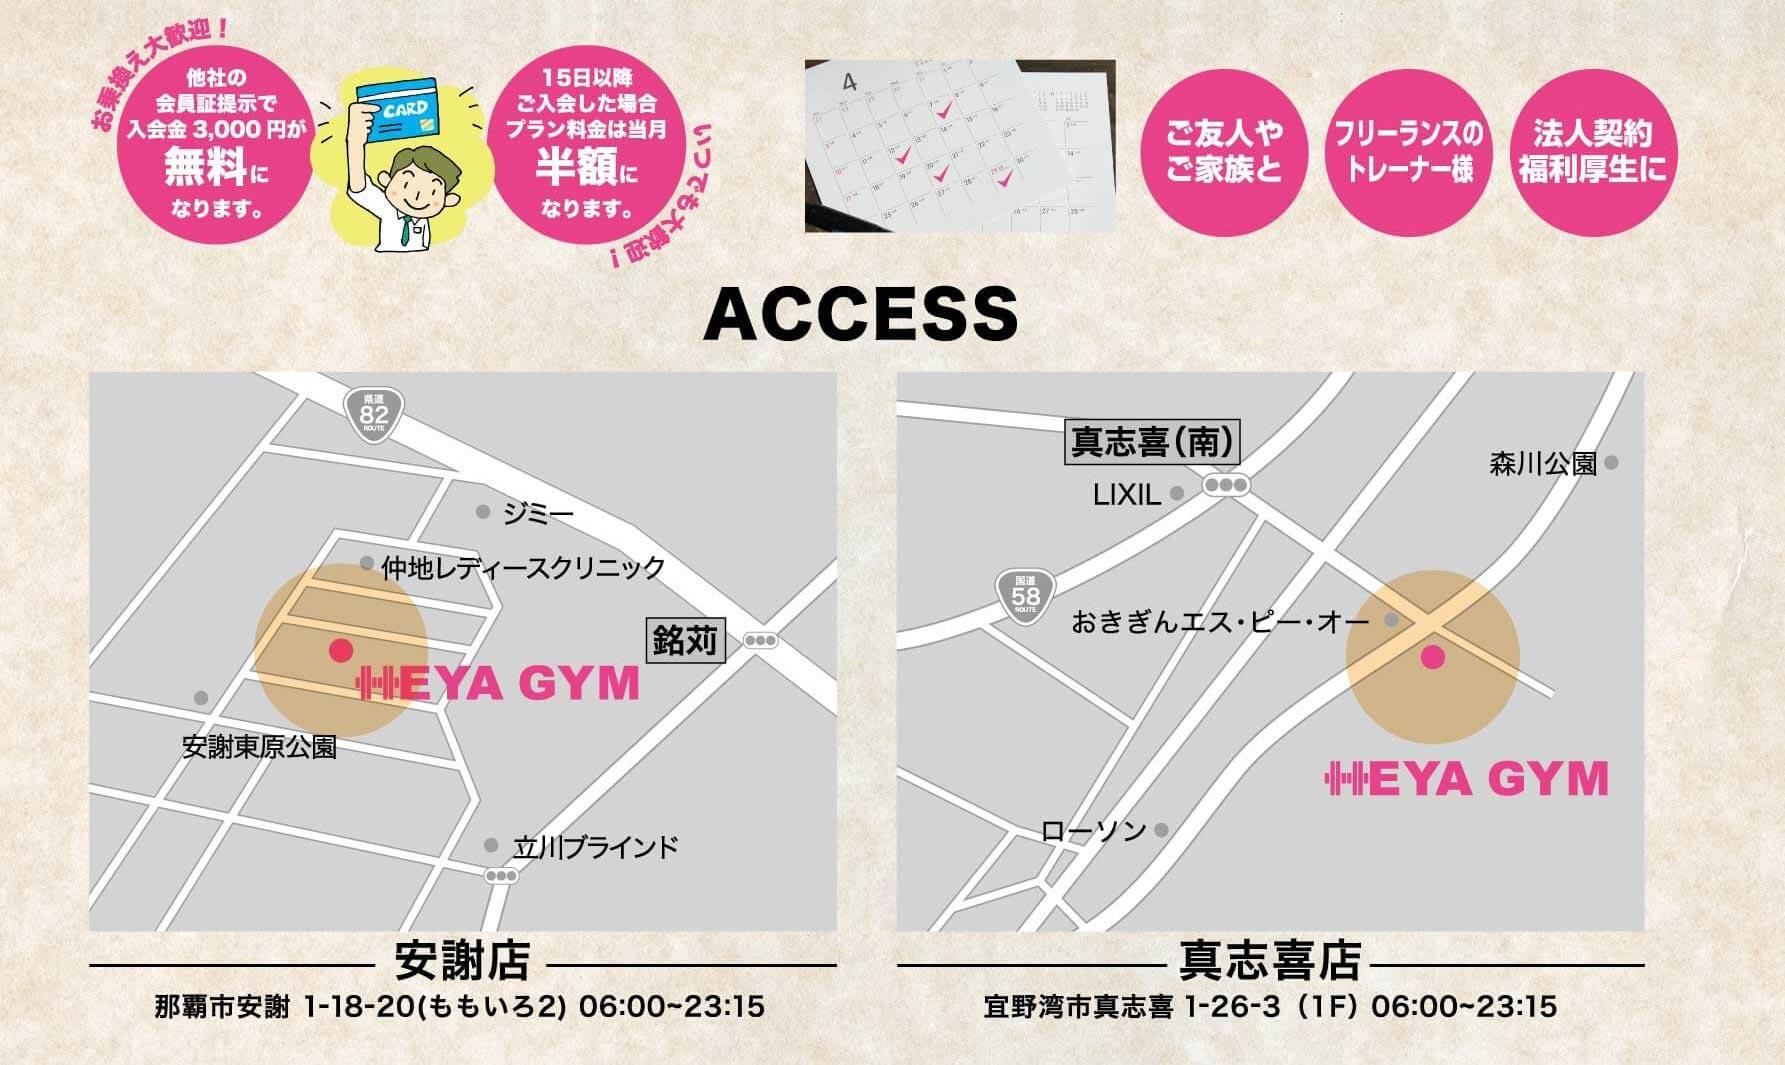 ヘヤジム(HEYA GYM) へのアクセス